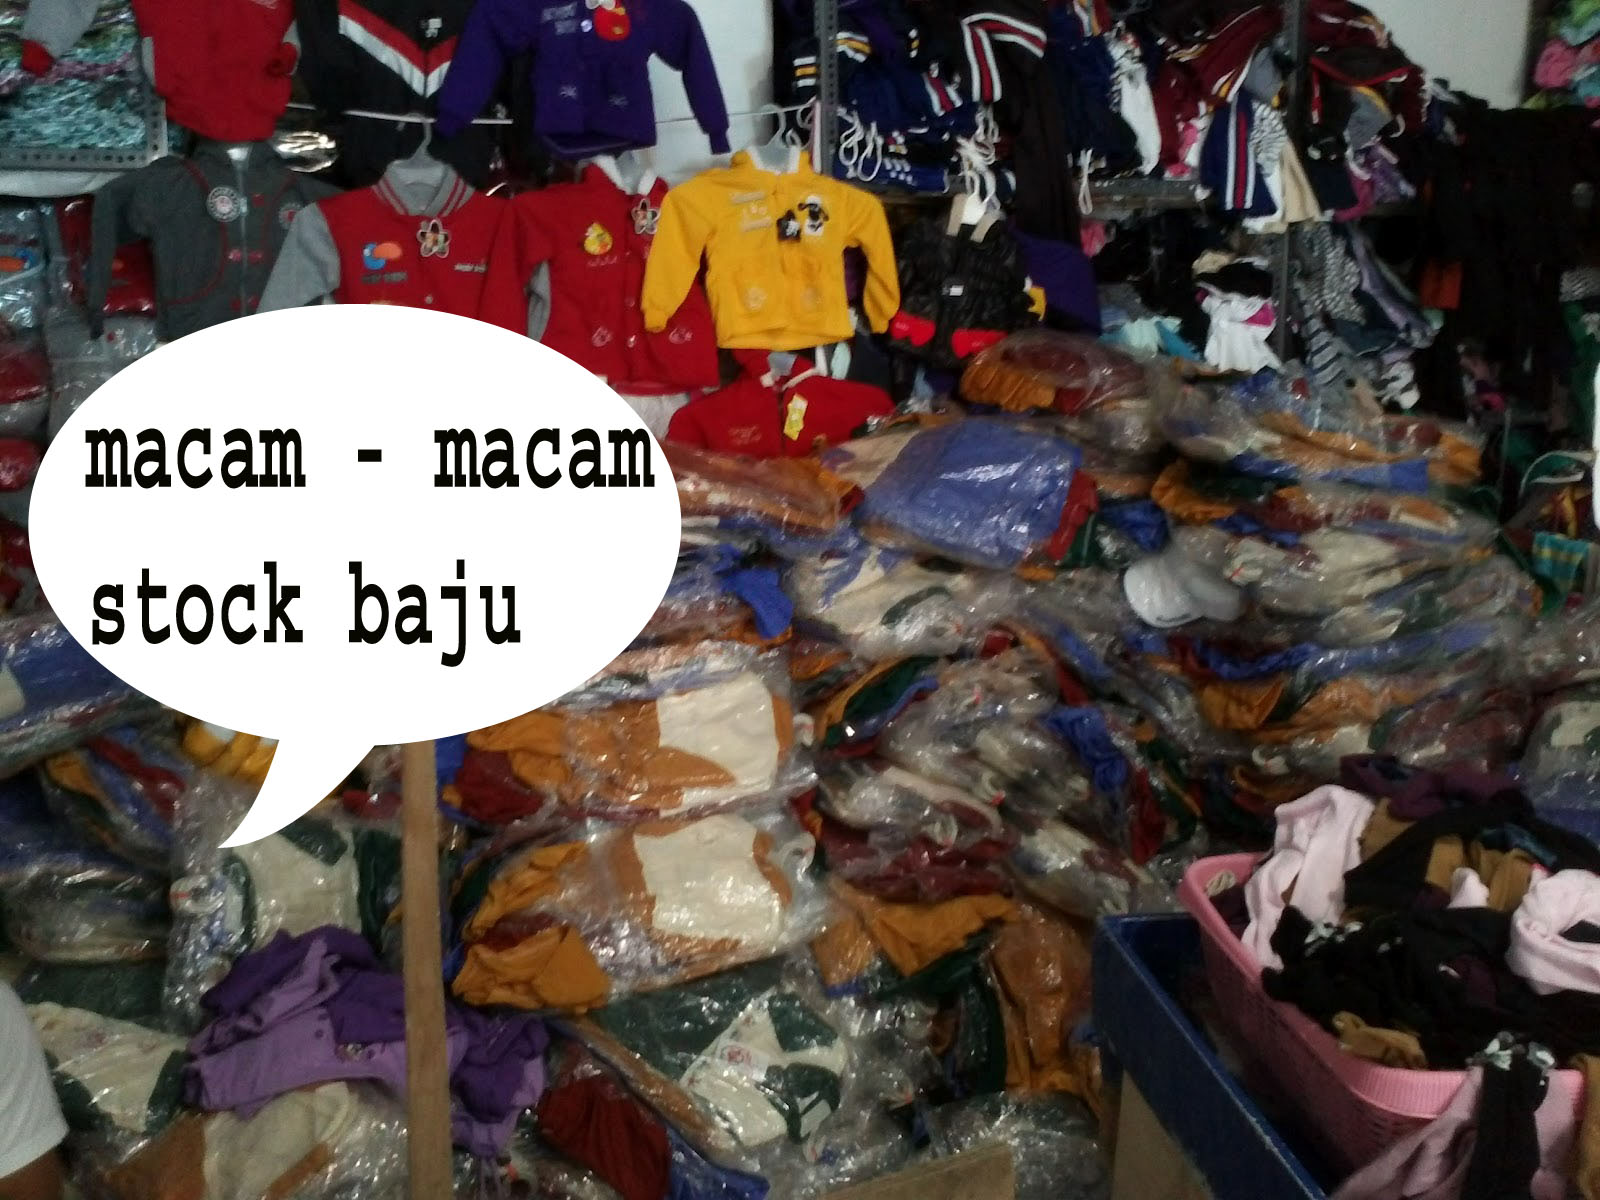 Distributor dan produsen pakaian murah grosir baju rajut Suplier baju gamis remaja harga pabrik bandung